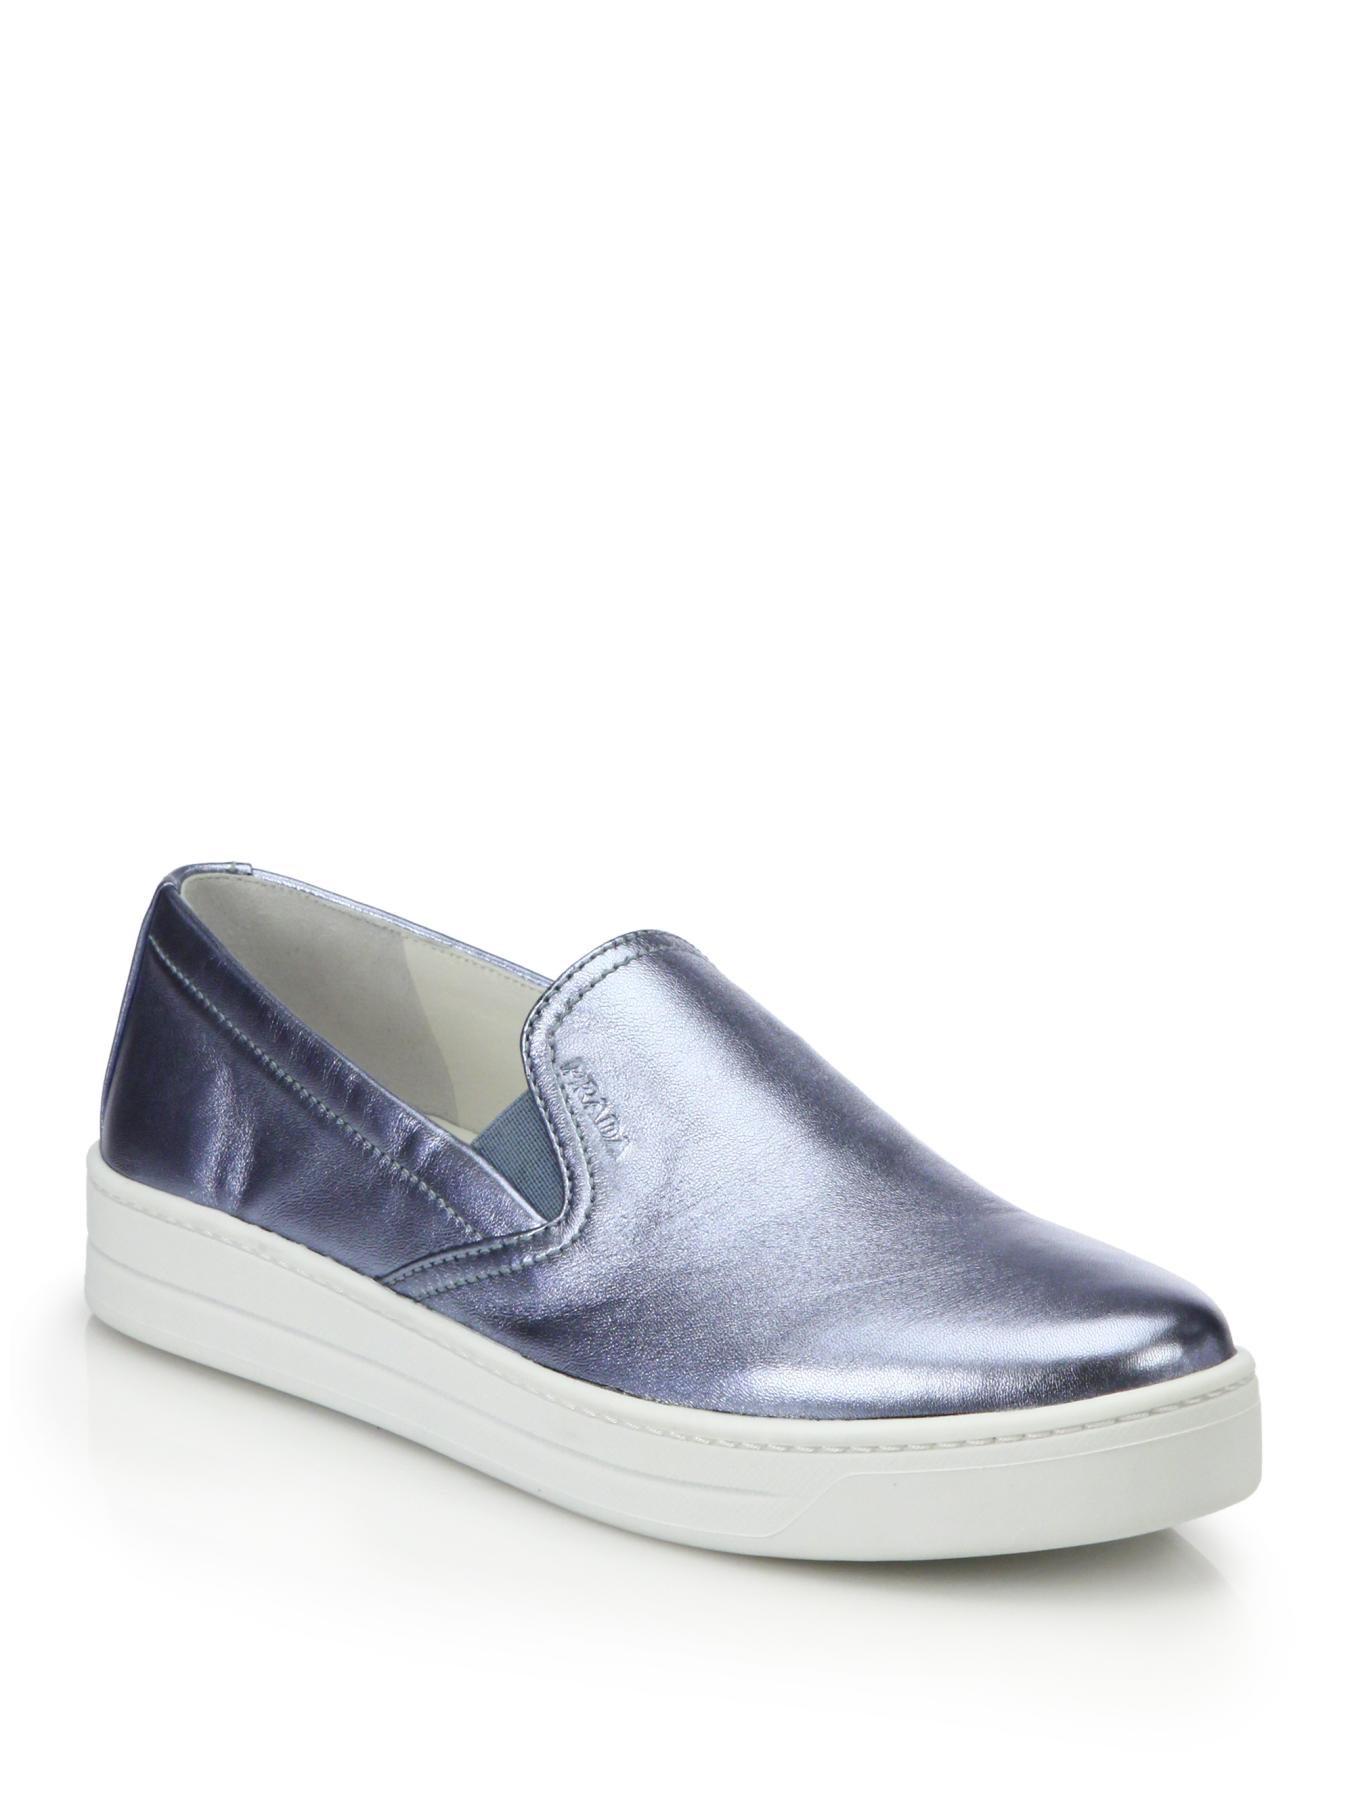 Shiny Blue Prada Shoes